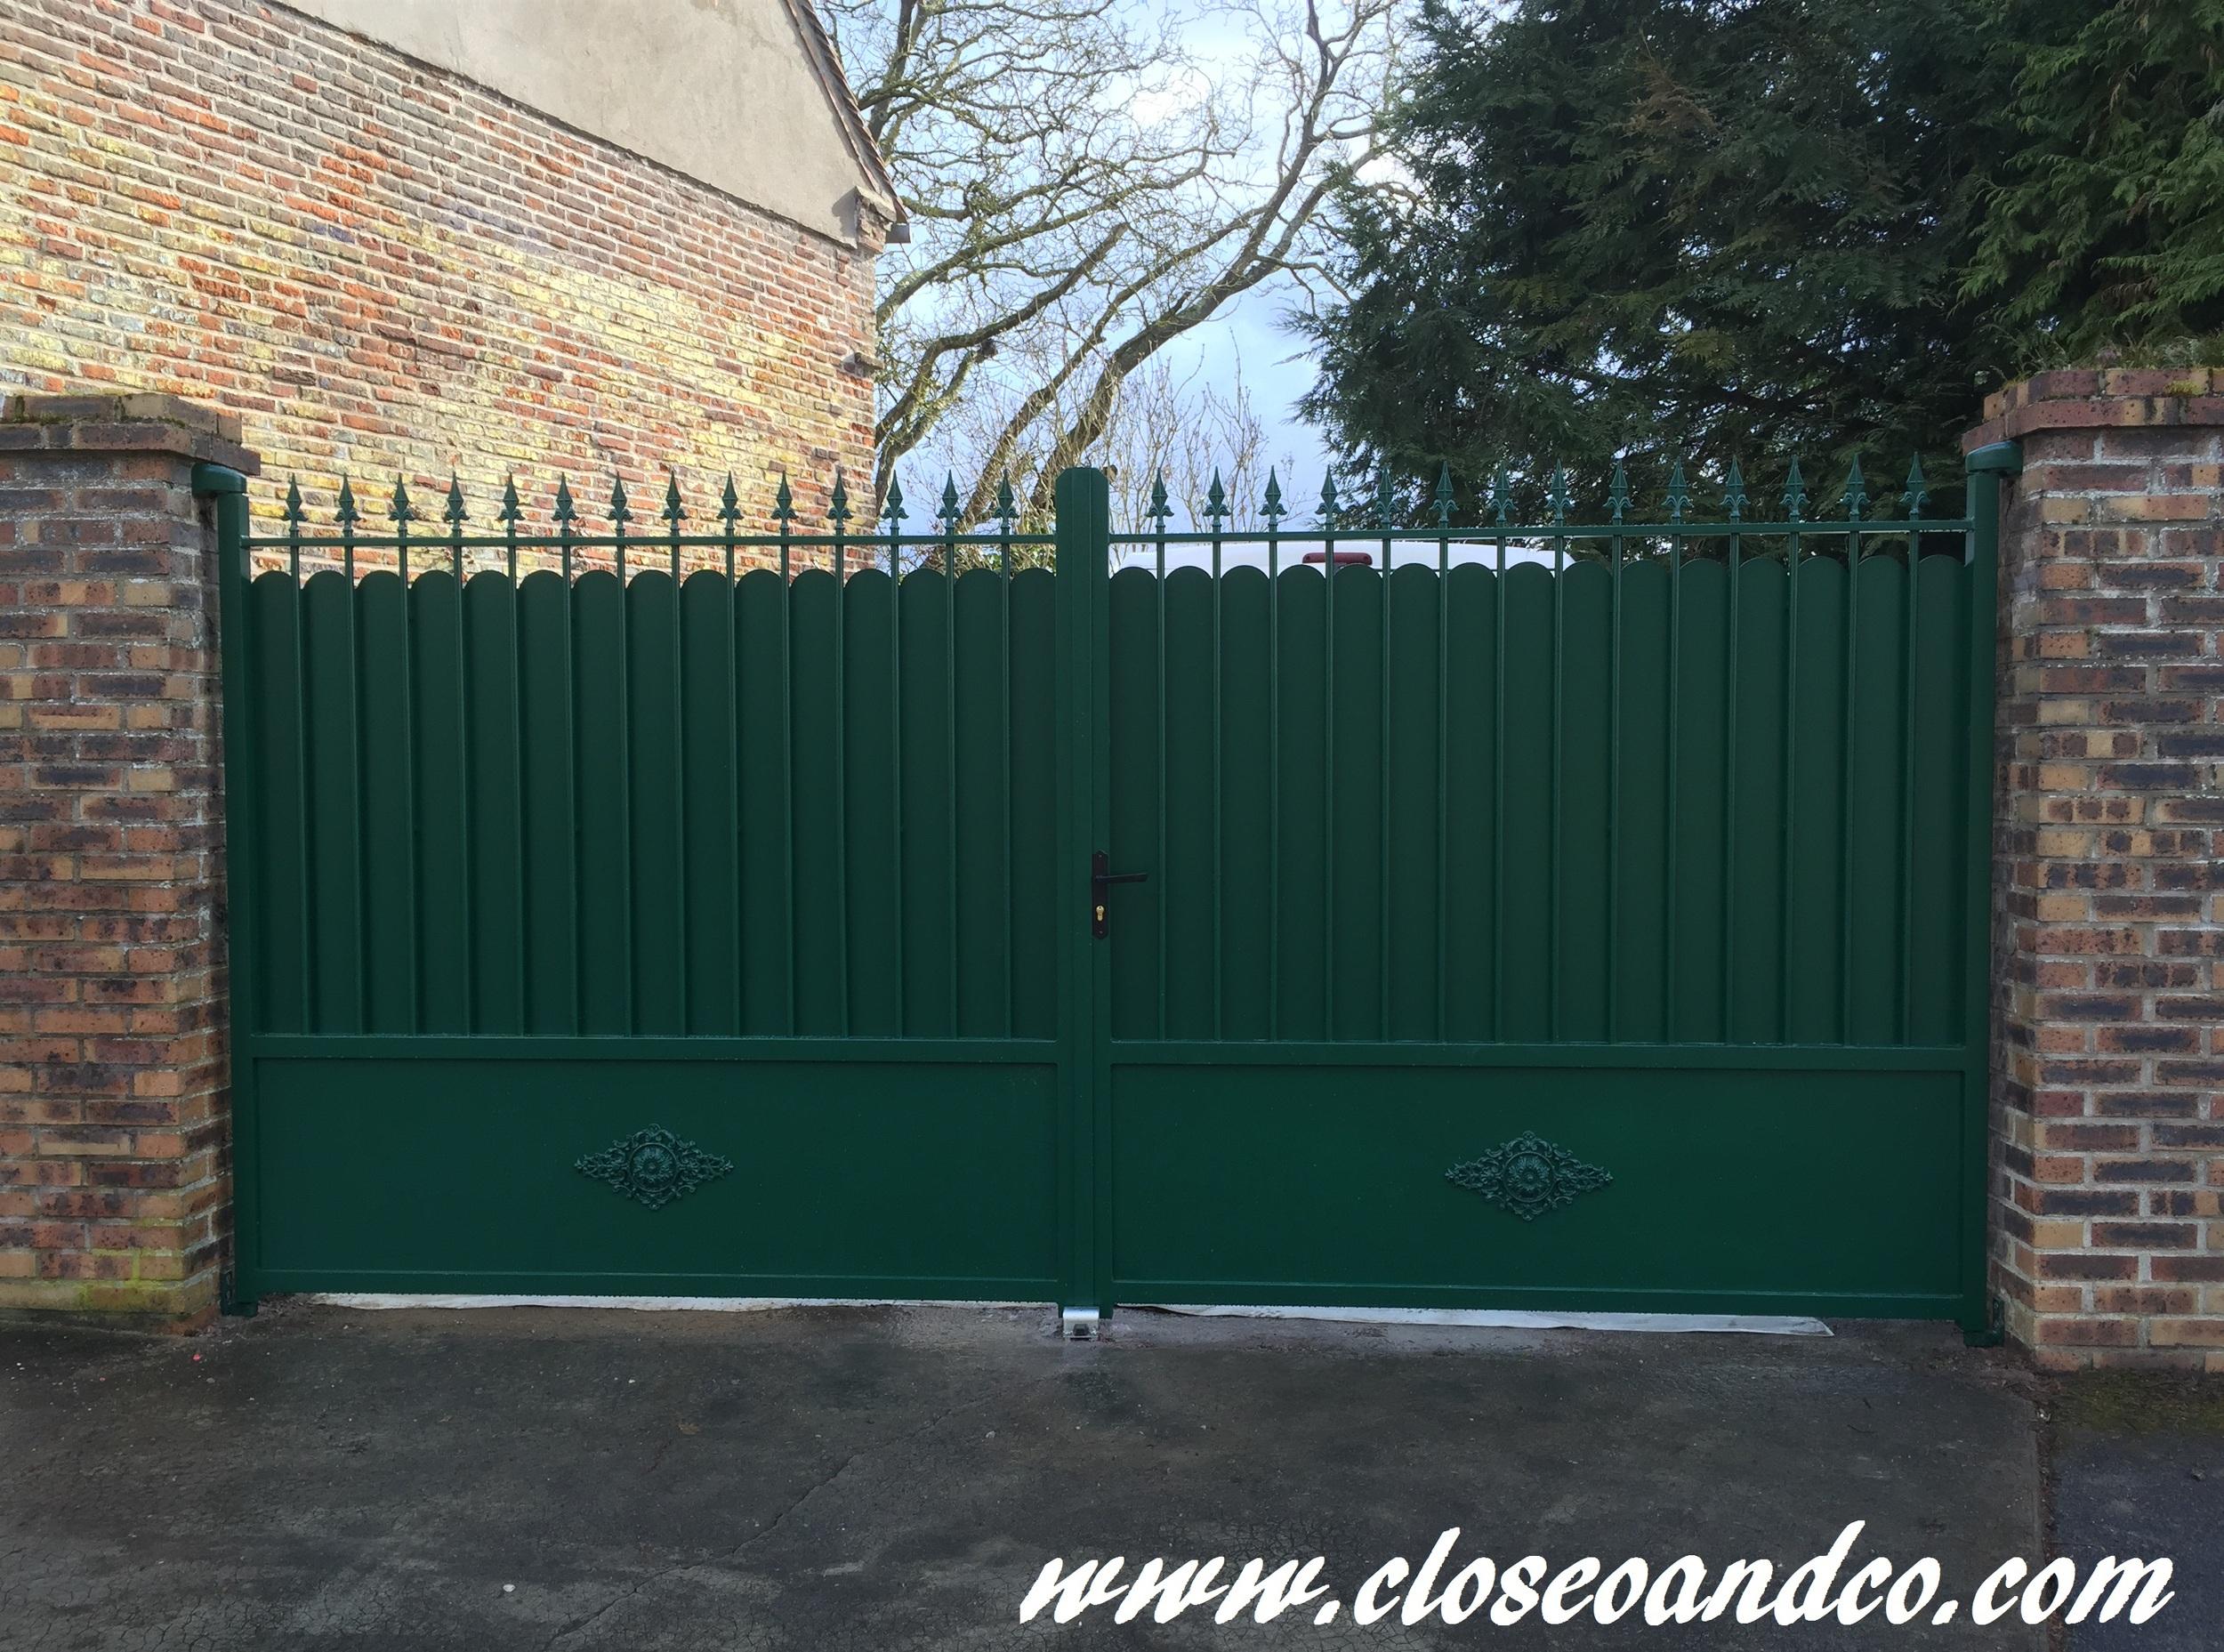 Portail Alu, deux vantaux, de notre gamme traditionnelle de couleur Vert Mousse (RAL 6005). Portail avec rosaces sur les parties basses + Cache vue festonné et fers de lance. Beauvais (60)